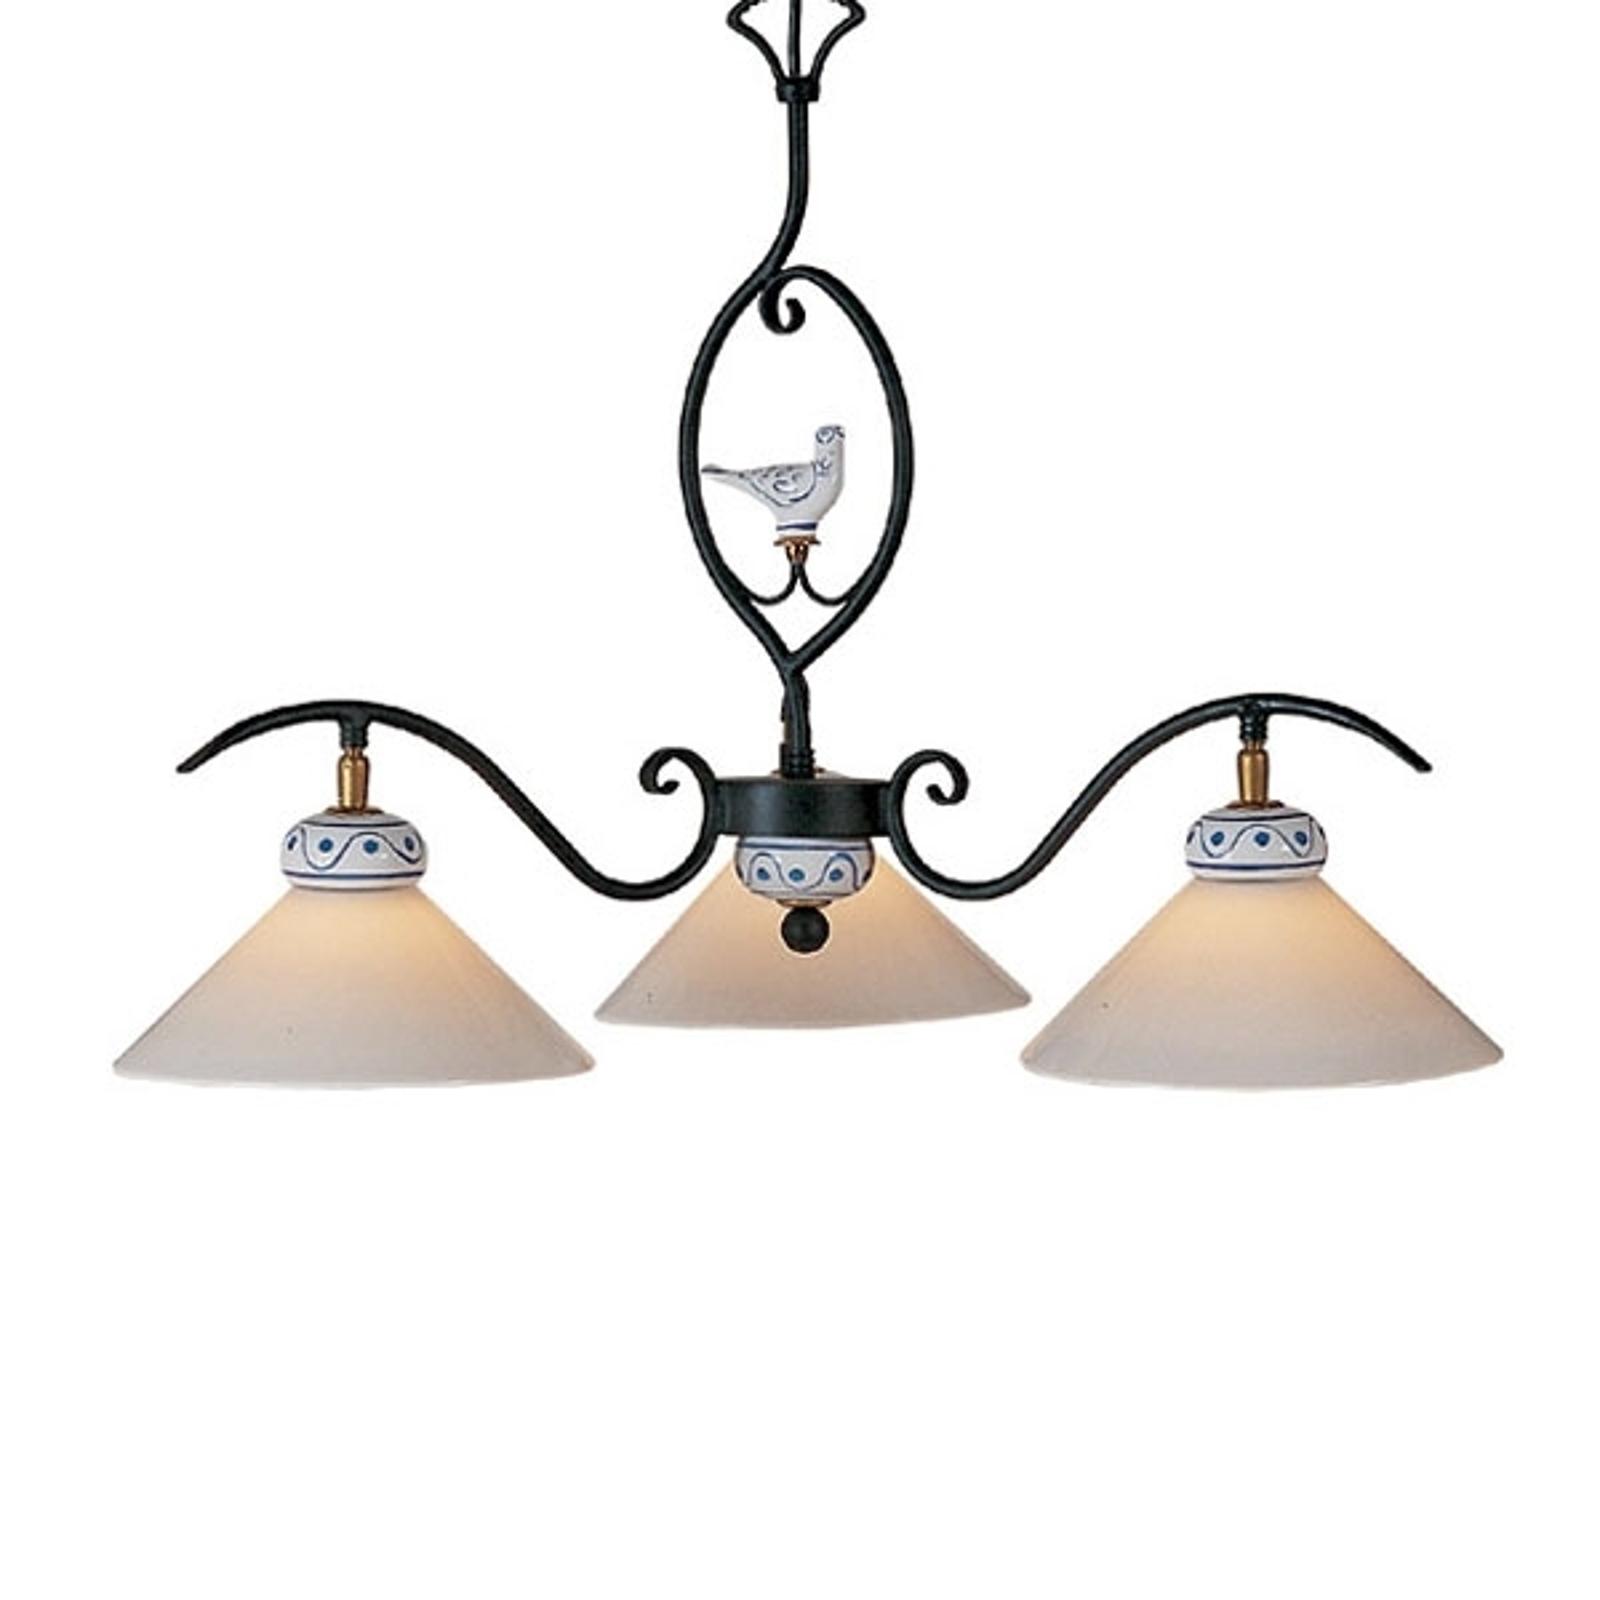 Ravissante suspension PROVENCE CHALET à 3 lampes